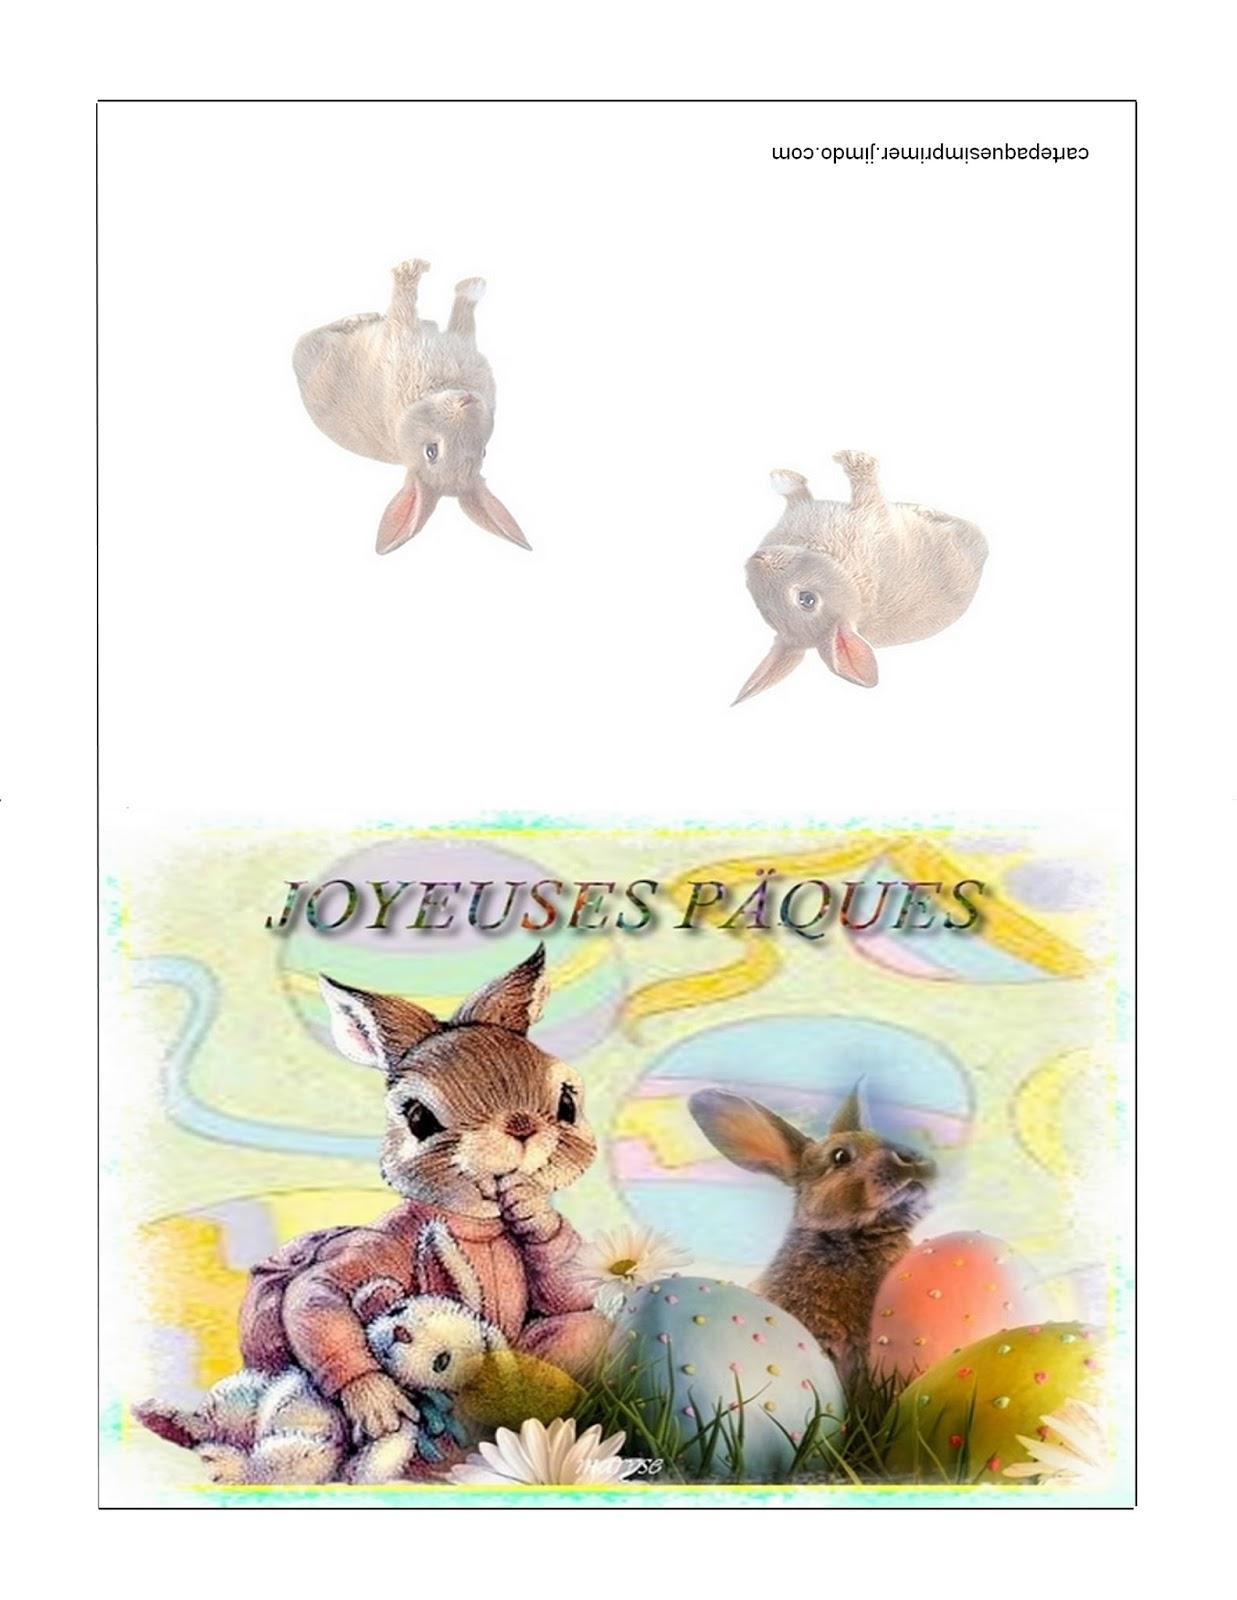 Carte de p ques imprimer gratuites - Carte de paques a imprimer gratuit ...